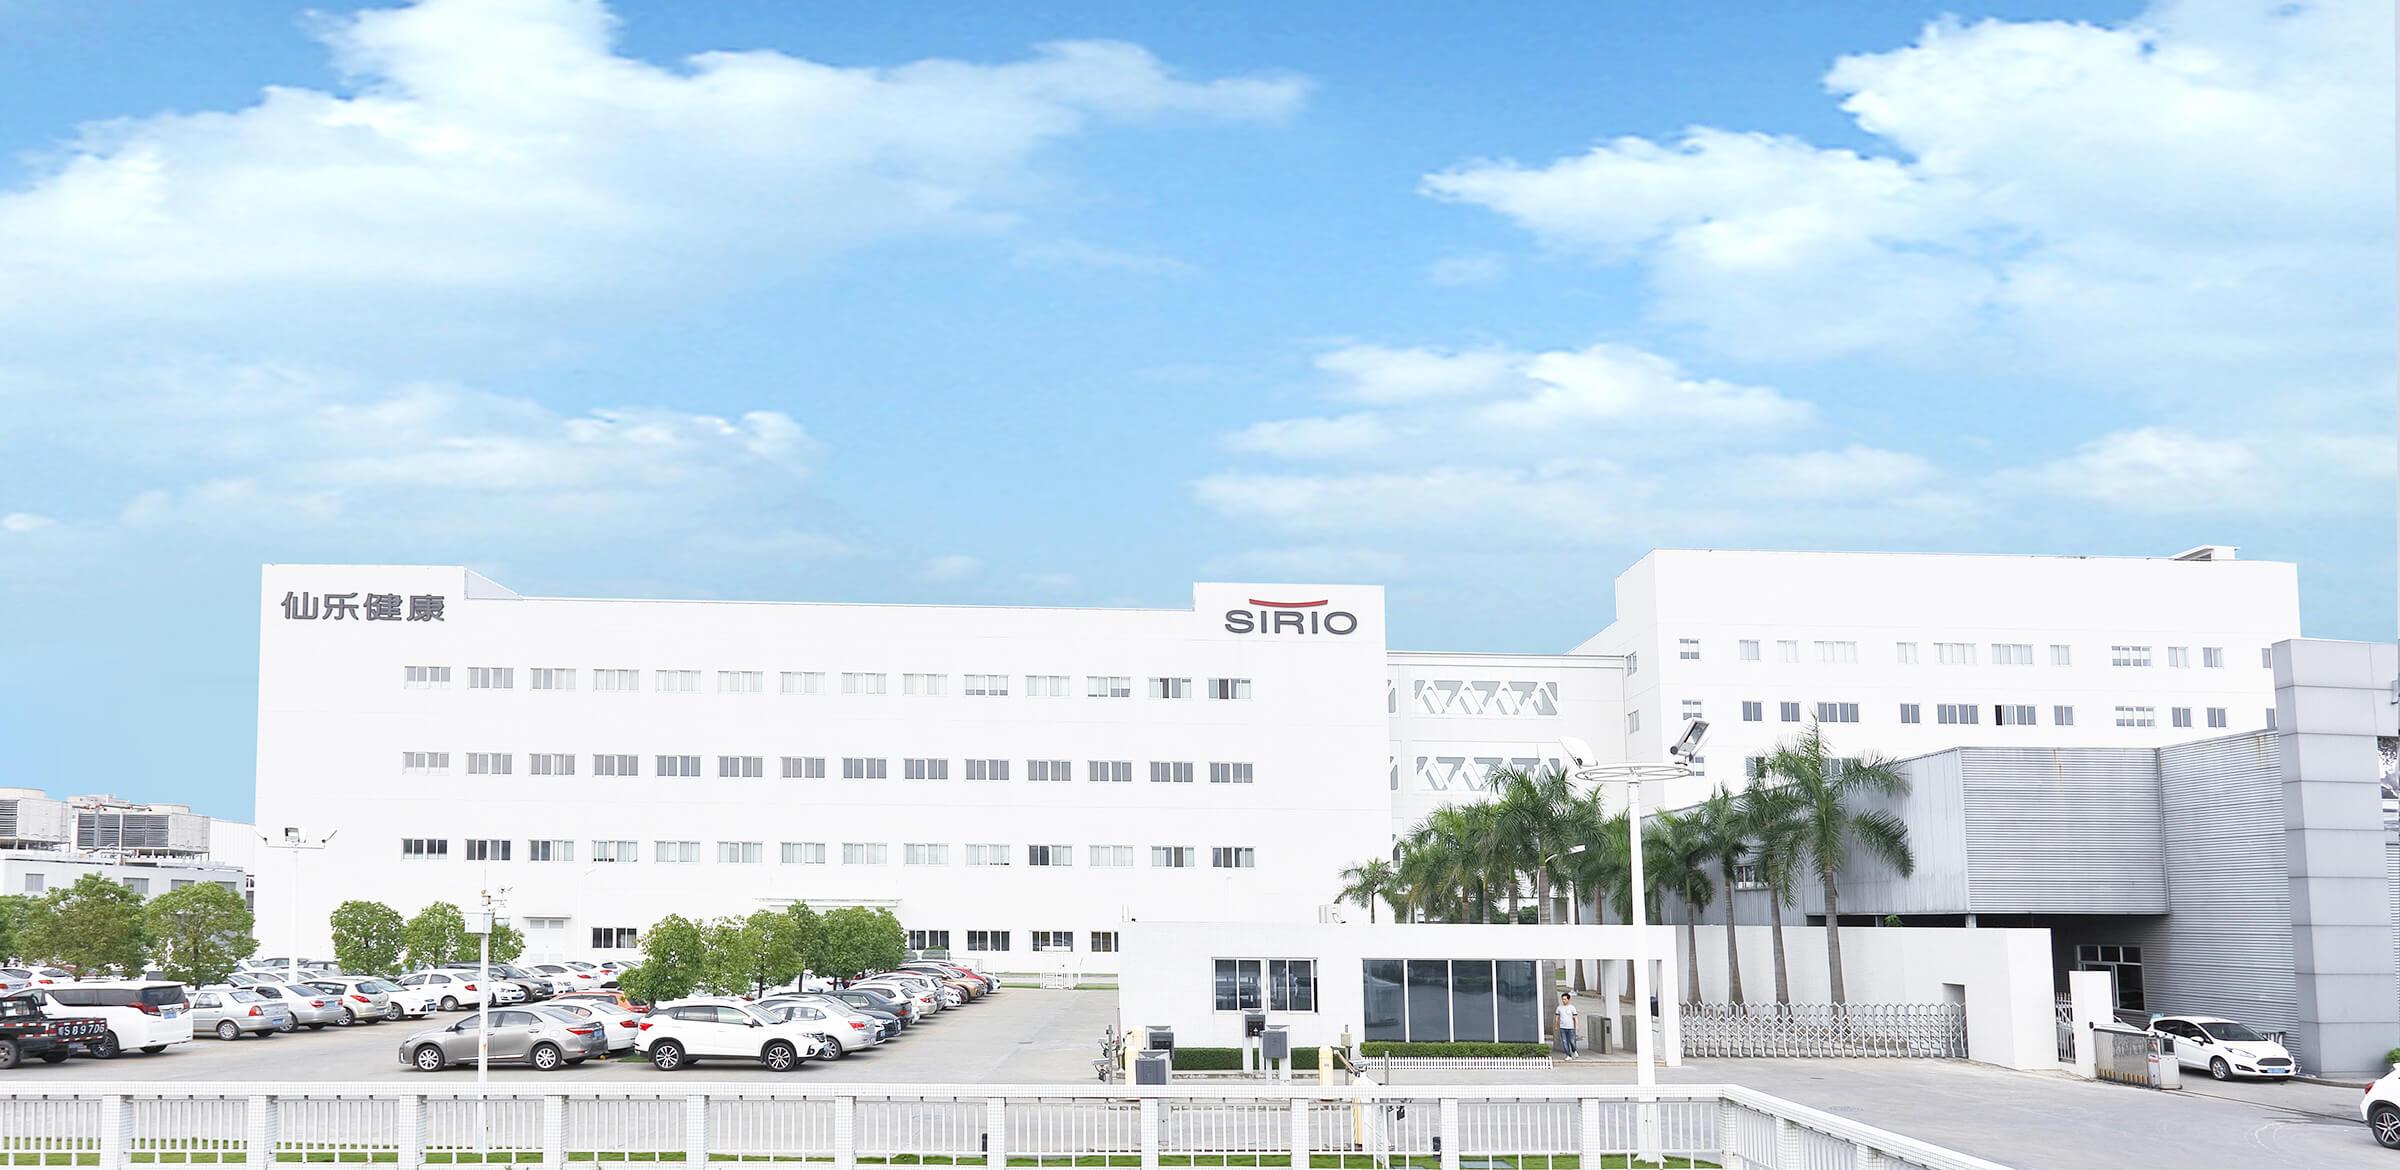 能迪科技为制药厂打造十万级洁净空调和臭氧消毒系统自动控制解决方案